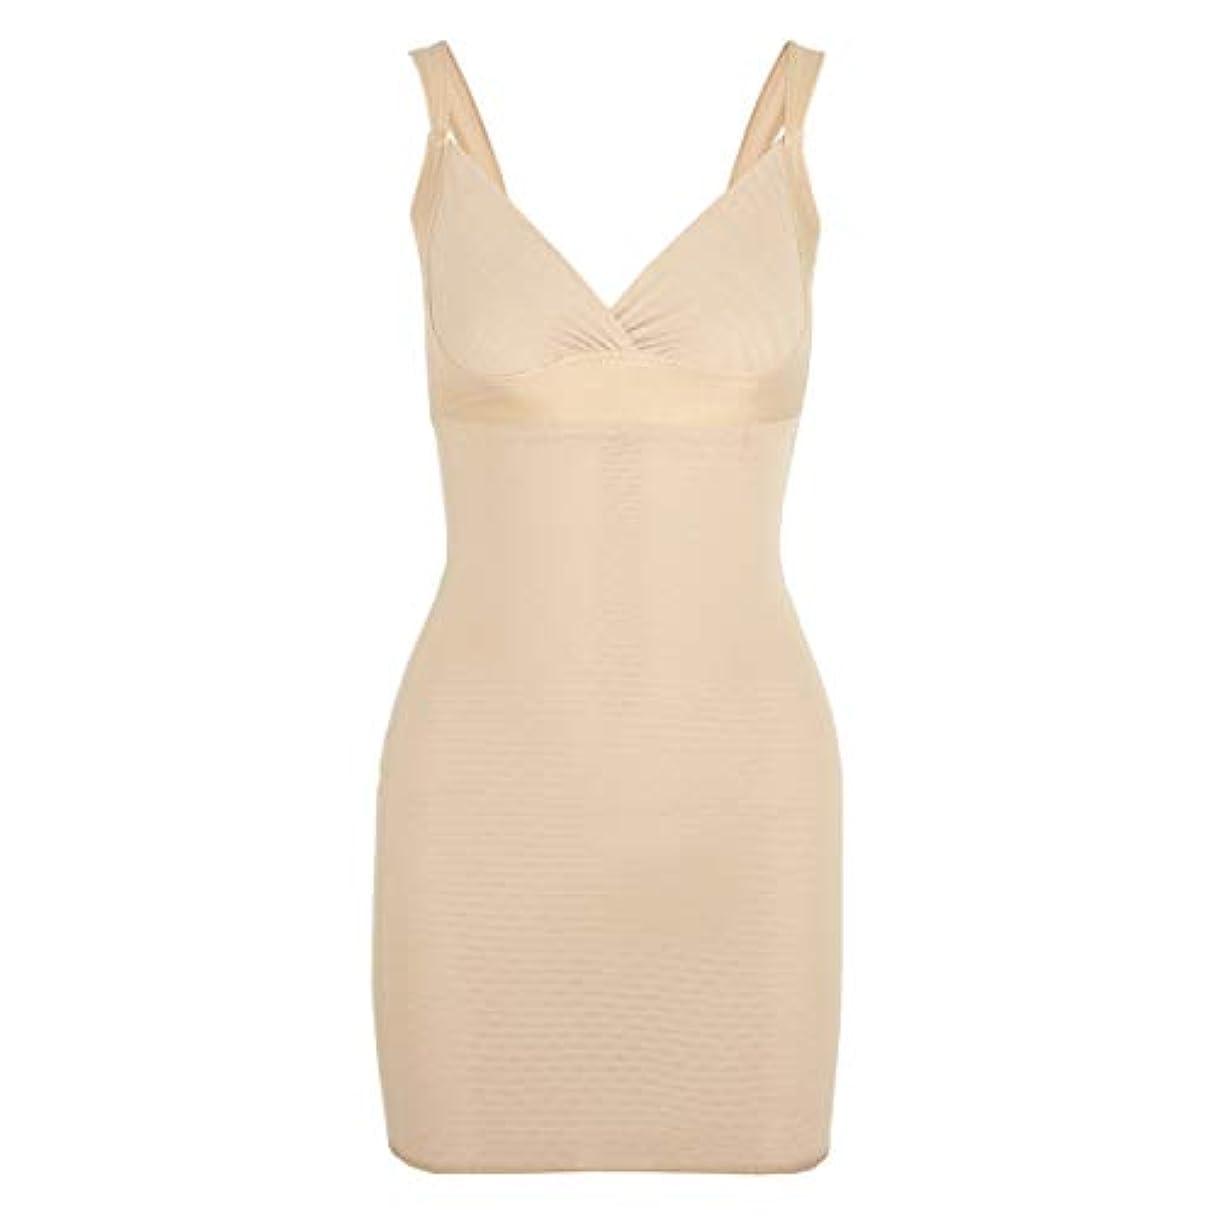 三病気の広がり女性のポスト産後Post身下着シェイパードレスを回復ボディスーツシェイプウェアウエストコルセットガードル-アプリコット-XL